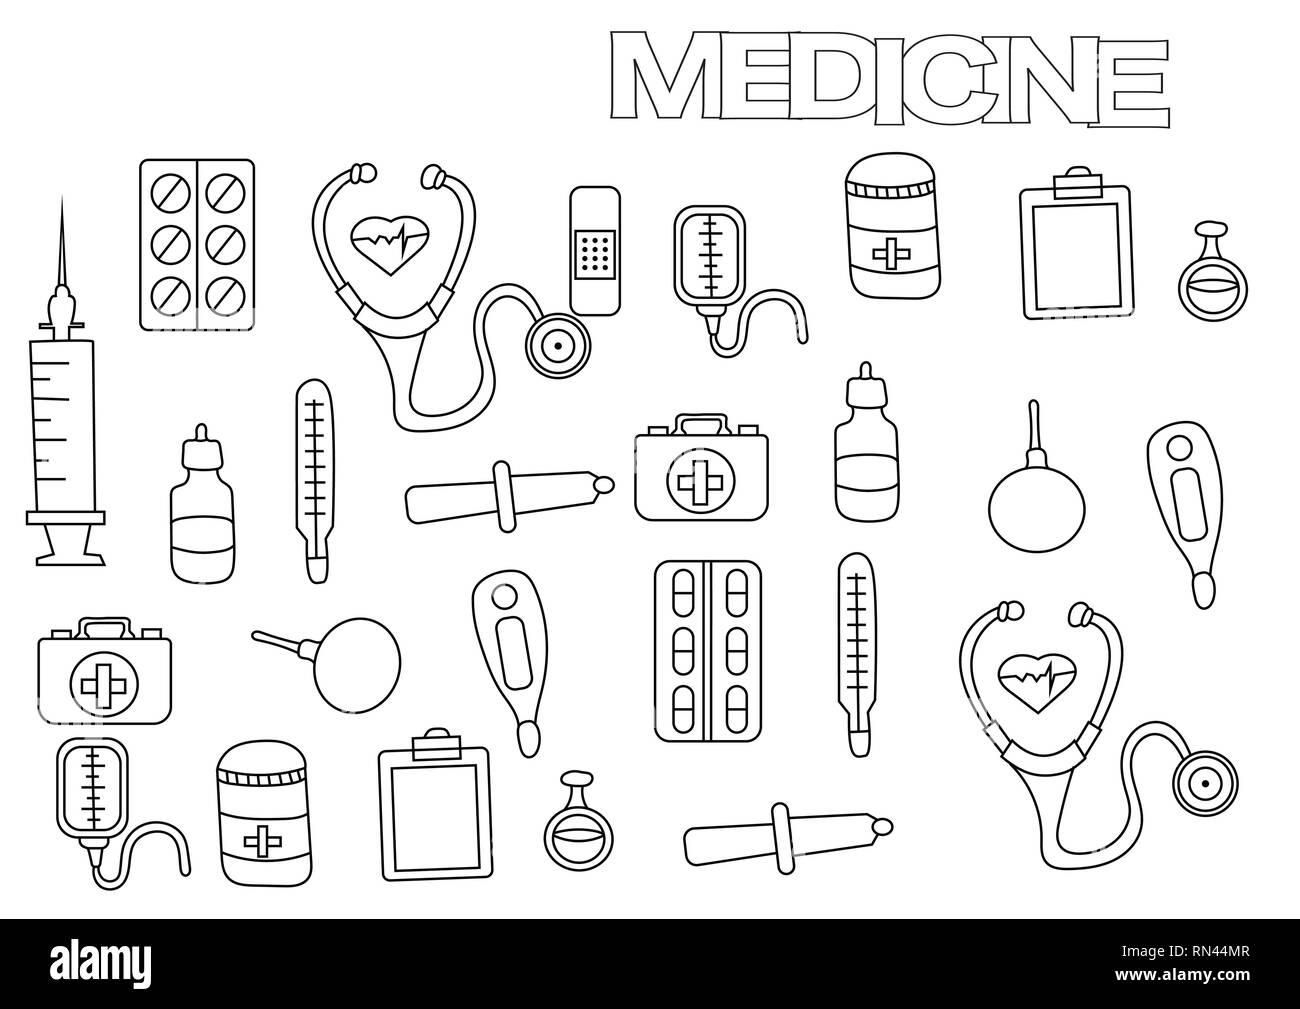 La Medecine A La Main Modele De Page De Livre De Coloriage Doodle Contour Vector Illustration Image Vectorielle Stock Alamy